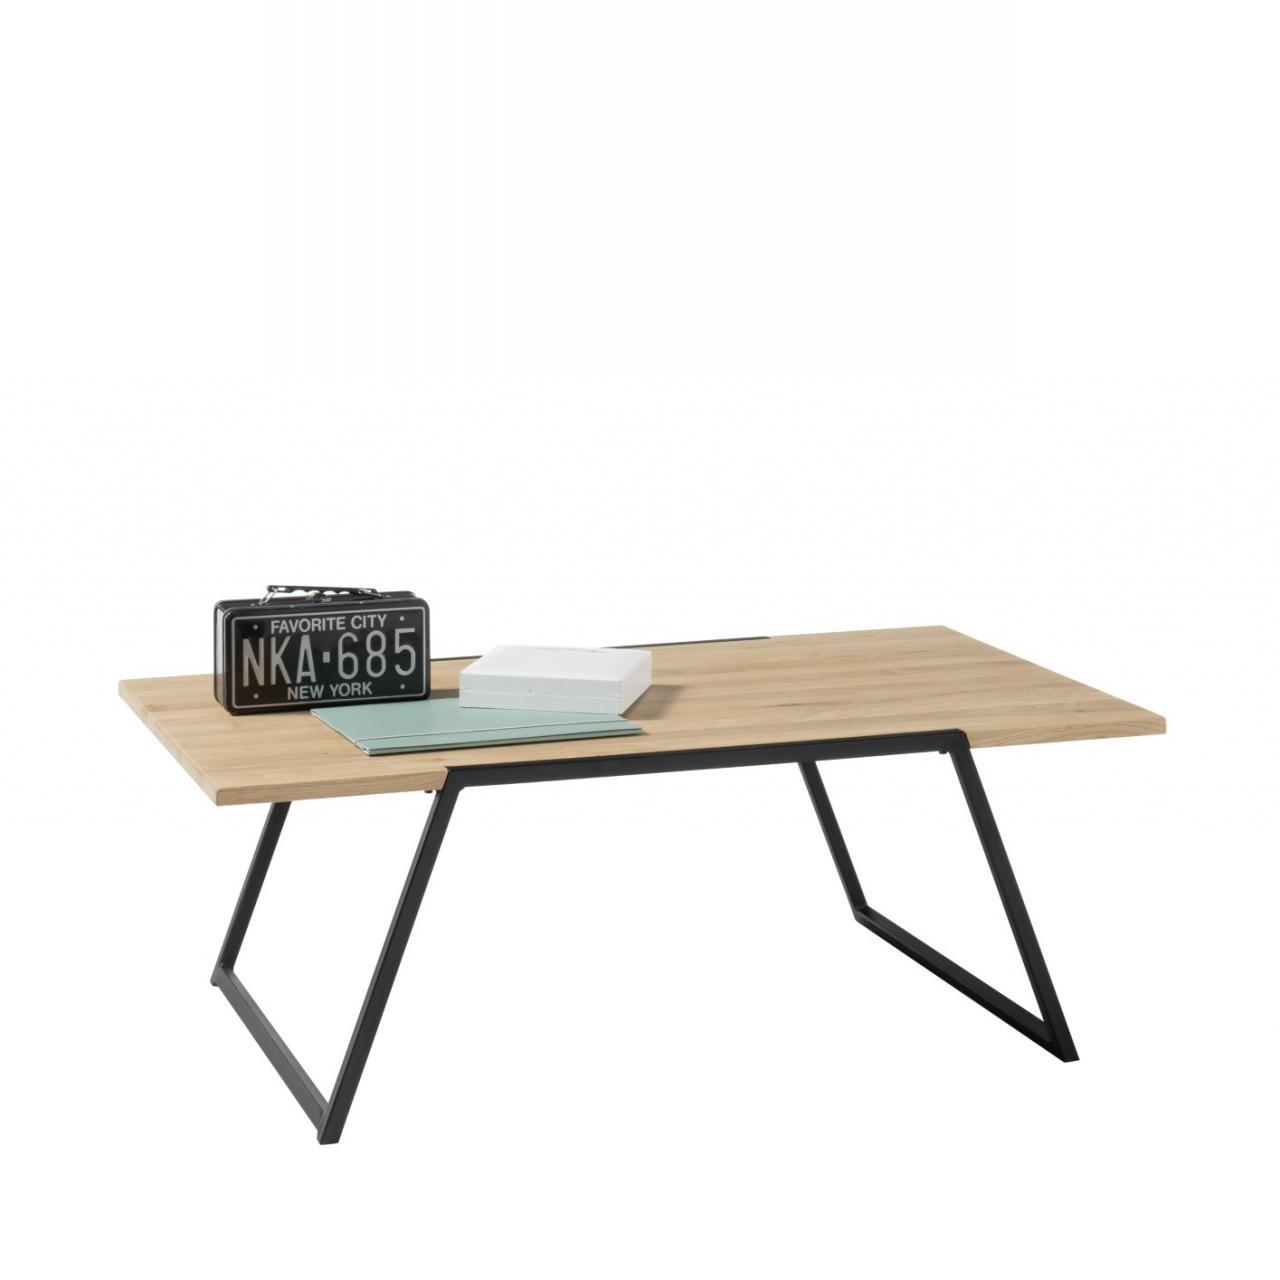 Couchtisch Eliano Eiche Massiv Geölt Metall Natur Schwarz Stubentisch Tisch